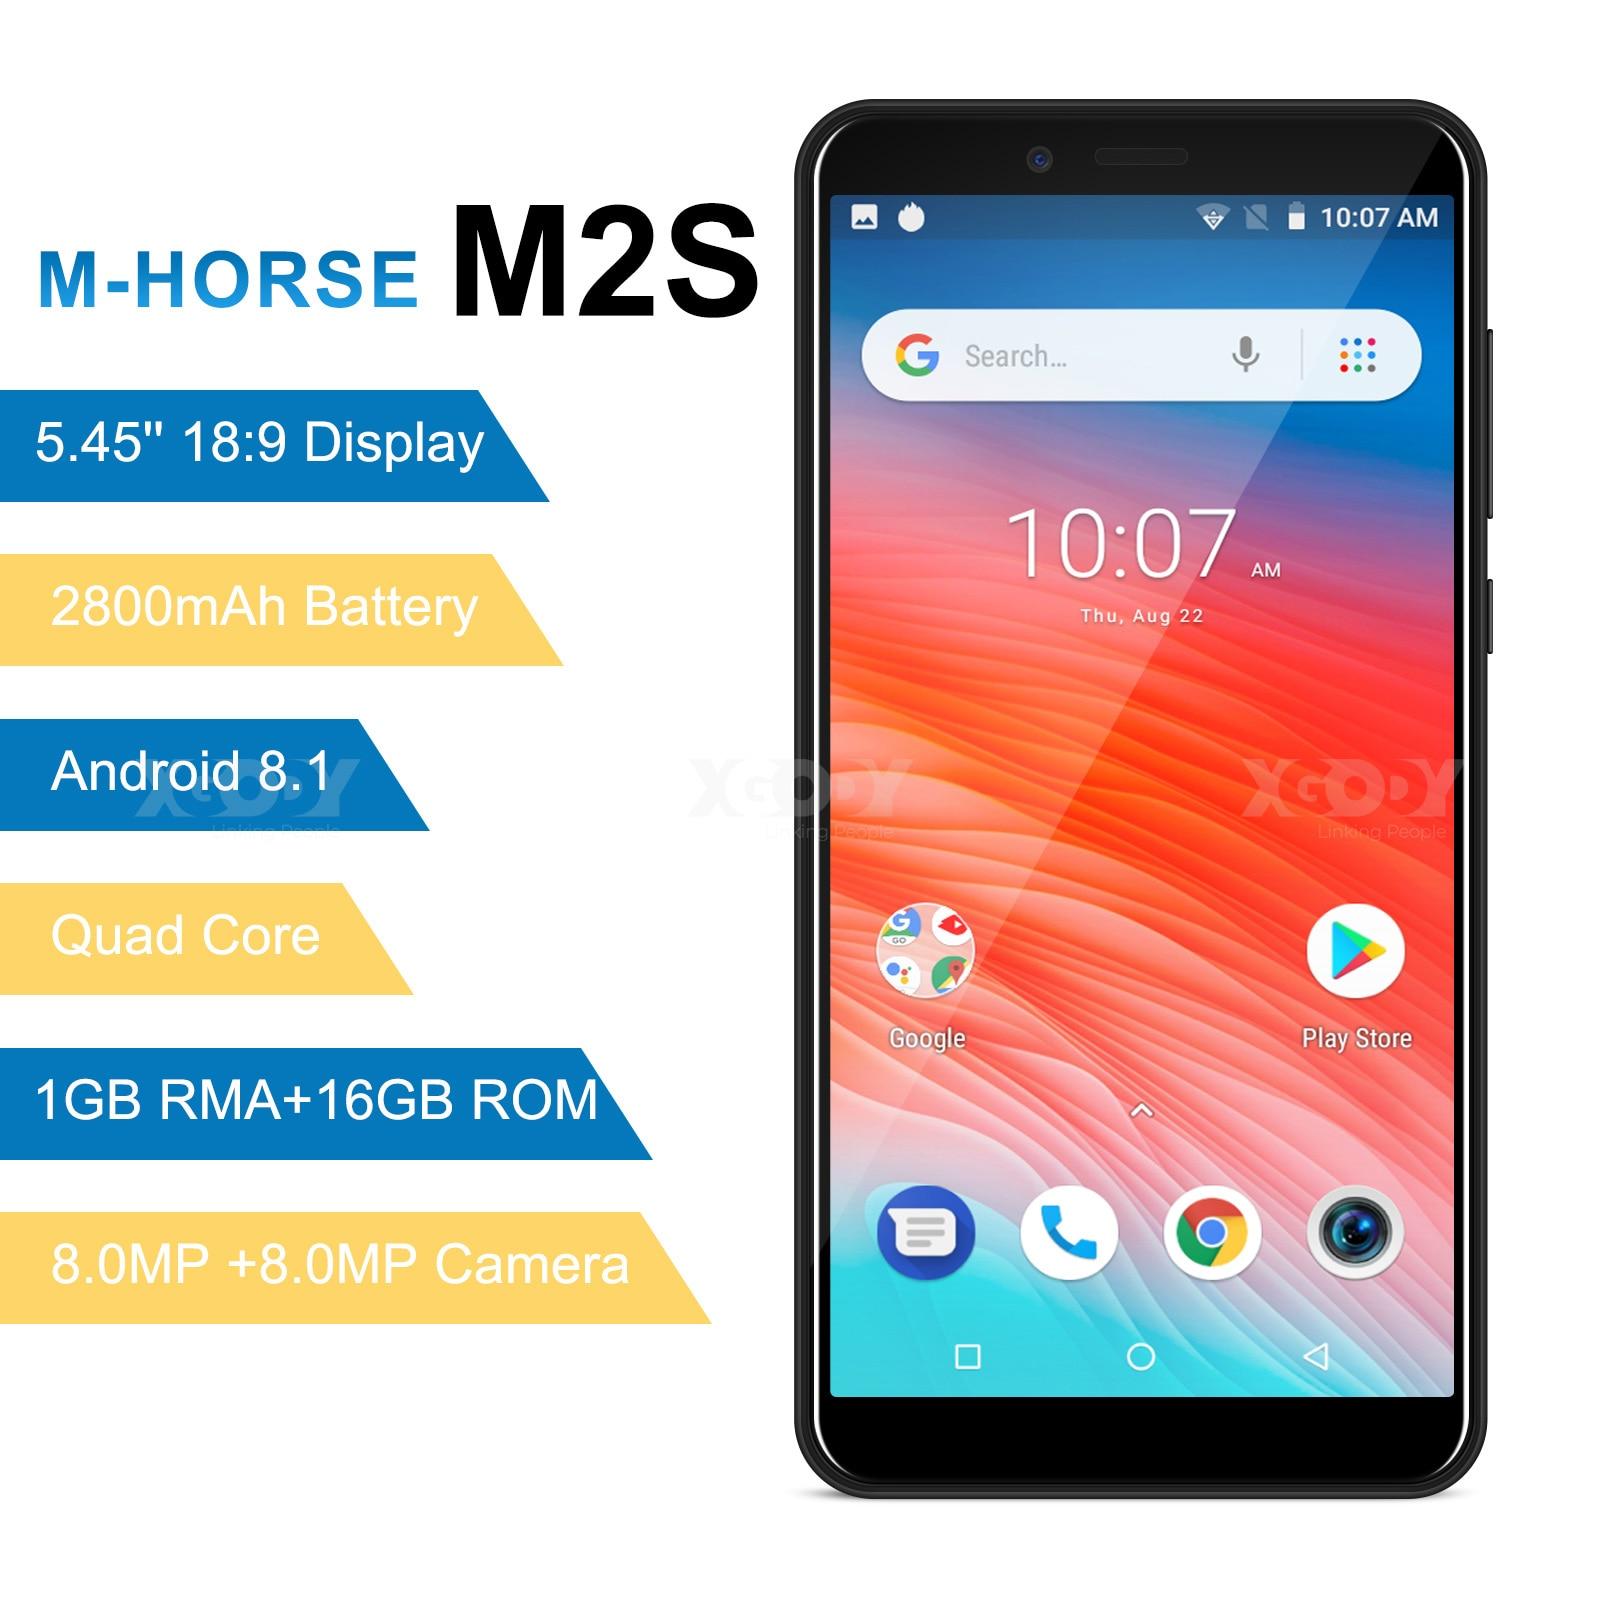 M-HORSE 3G Smartphone Android 8.1 2800mAh Celular 1GB + 16GB Quad Core 5.45 polegada 18:9 Cheia tela 8MP Câmera Do Telefone Móvel Dual